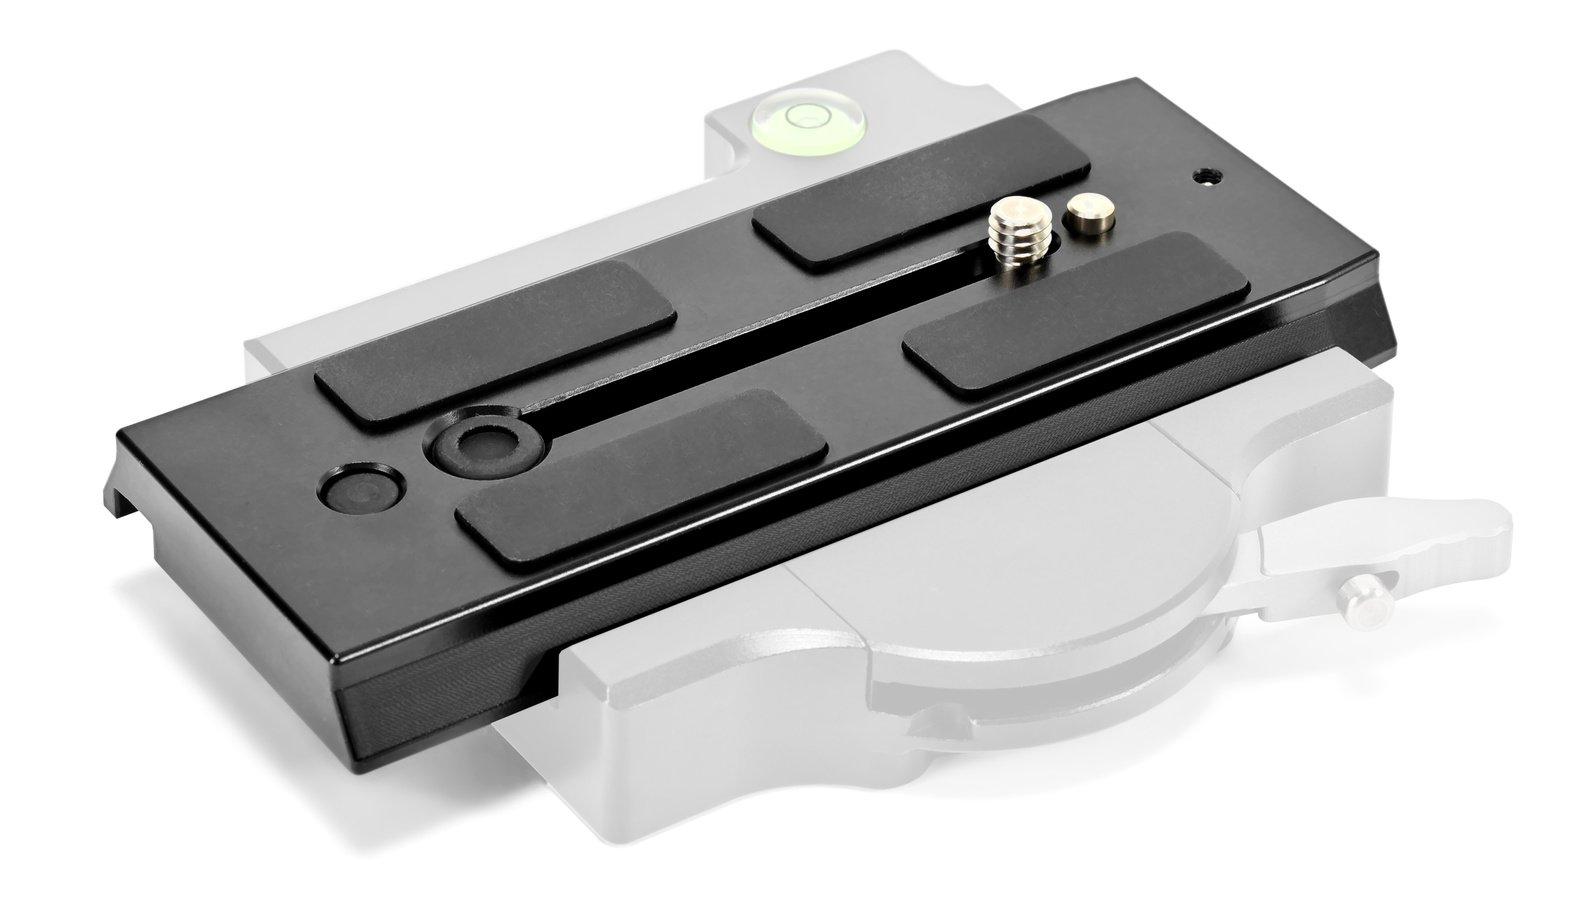 Sie passt auch in den neuen Lanparte QRP-03 Schnellwechseladapter.